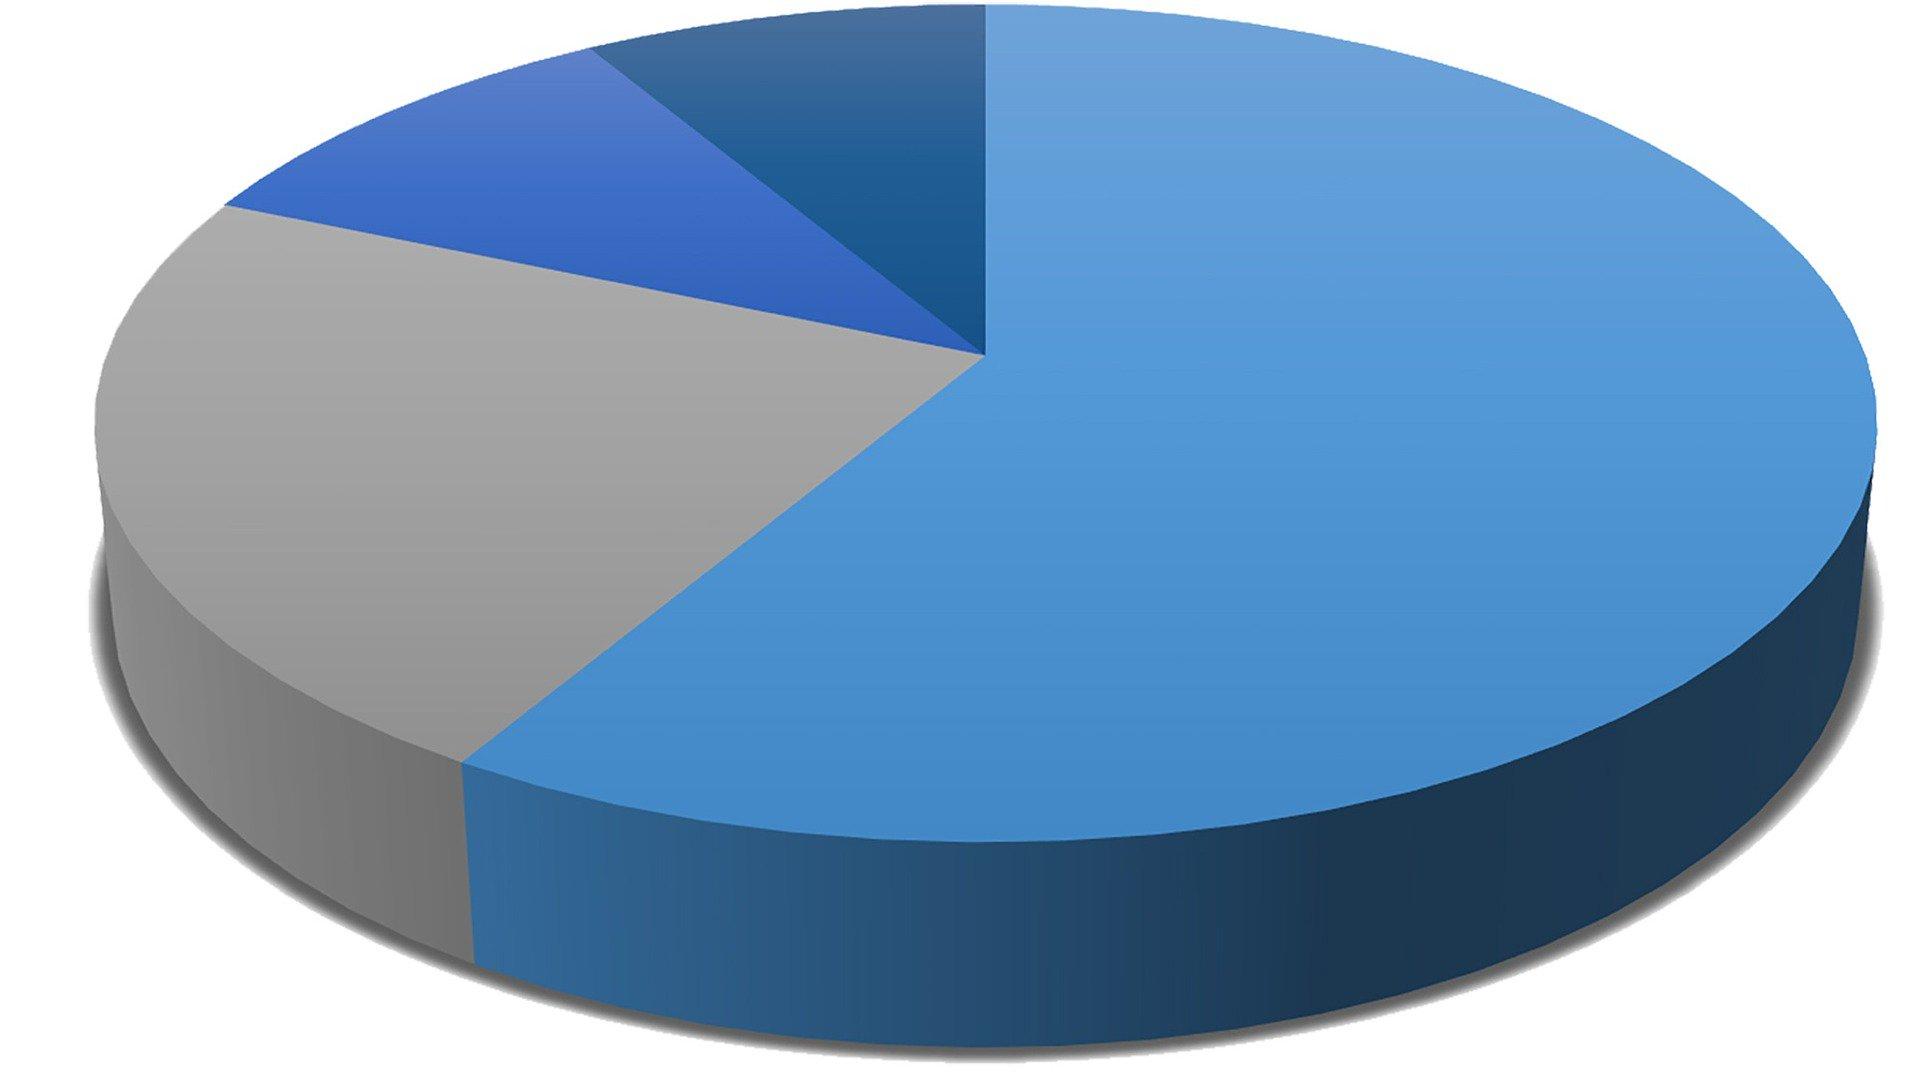 картинки диаграмм с процентами